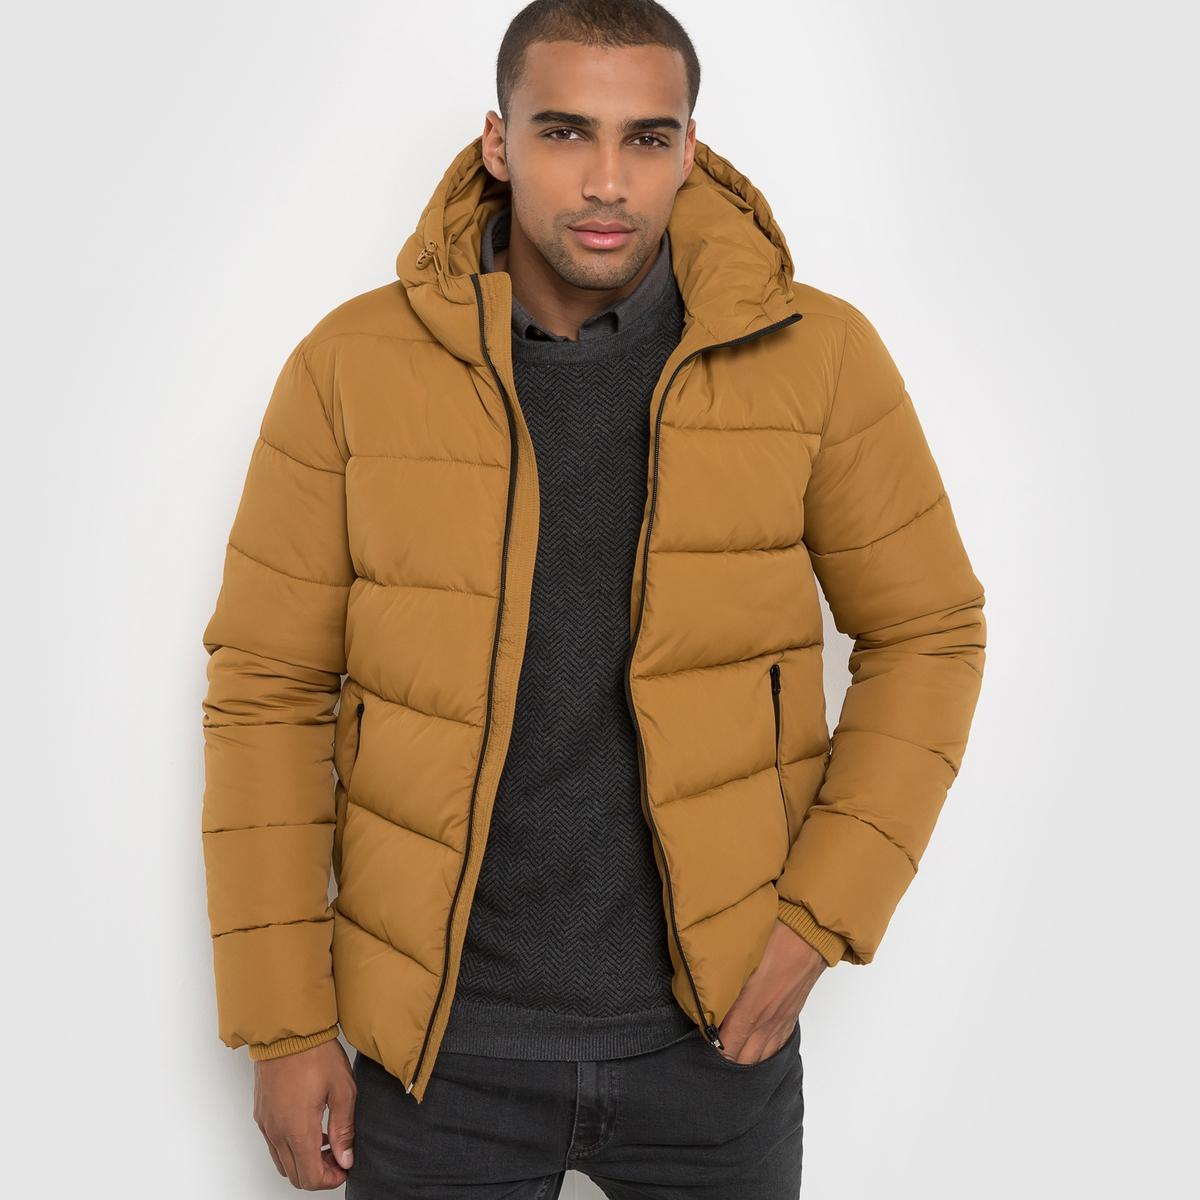 Куртка стёганая с капюшономСостав и описаниеМатериал: 100% полиэстера.Марка:      R ?dition<br><br>Цвет: темно-бежевый,черный<br>Размер: S